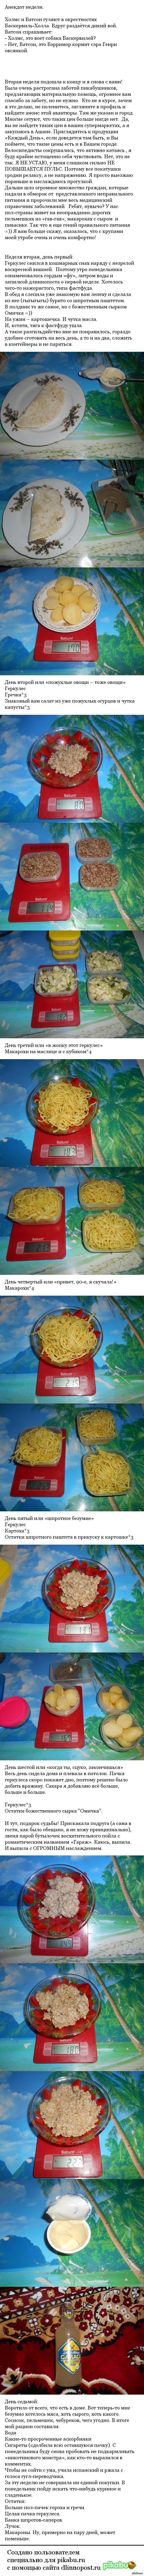 Аттракцион невиданного нищебродства (неделя вторая) или как прожить на тысячу рублей в месяц